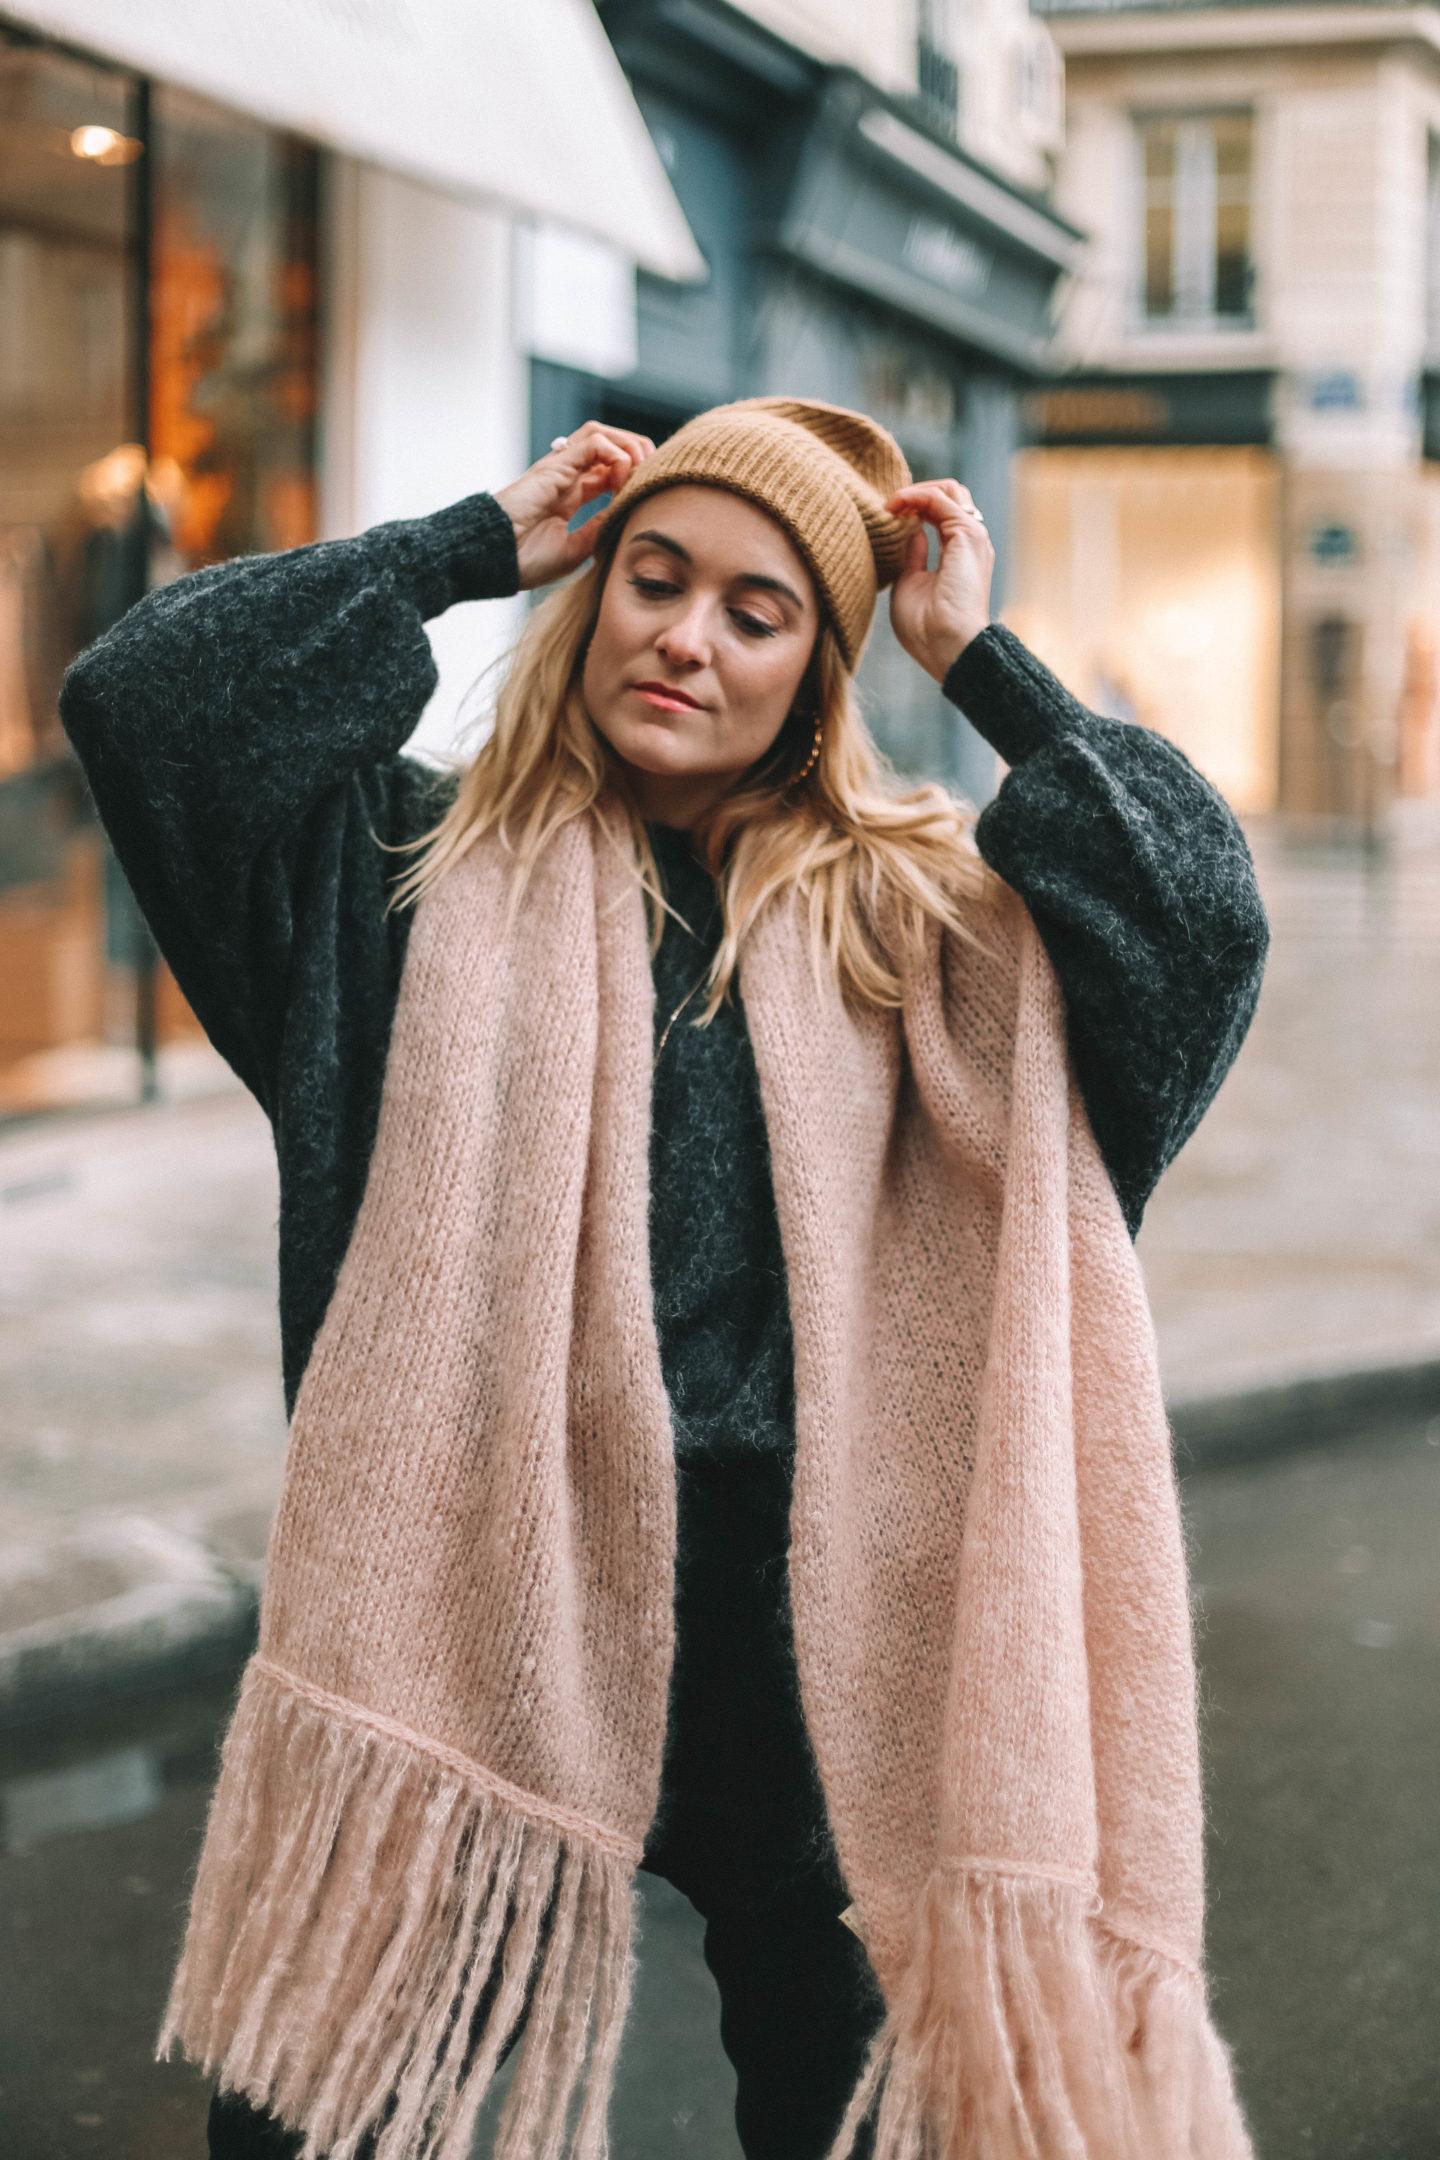 Coiffirst - Blondie baby blog mode et voyages